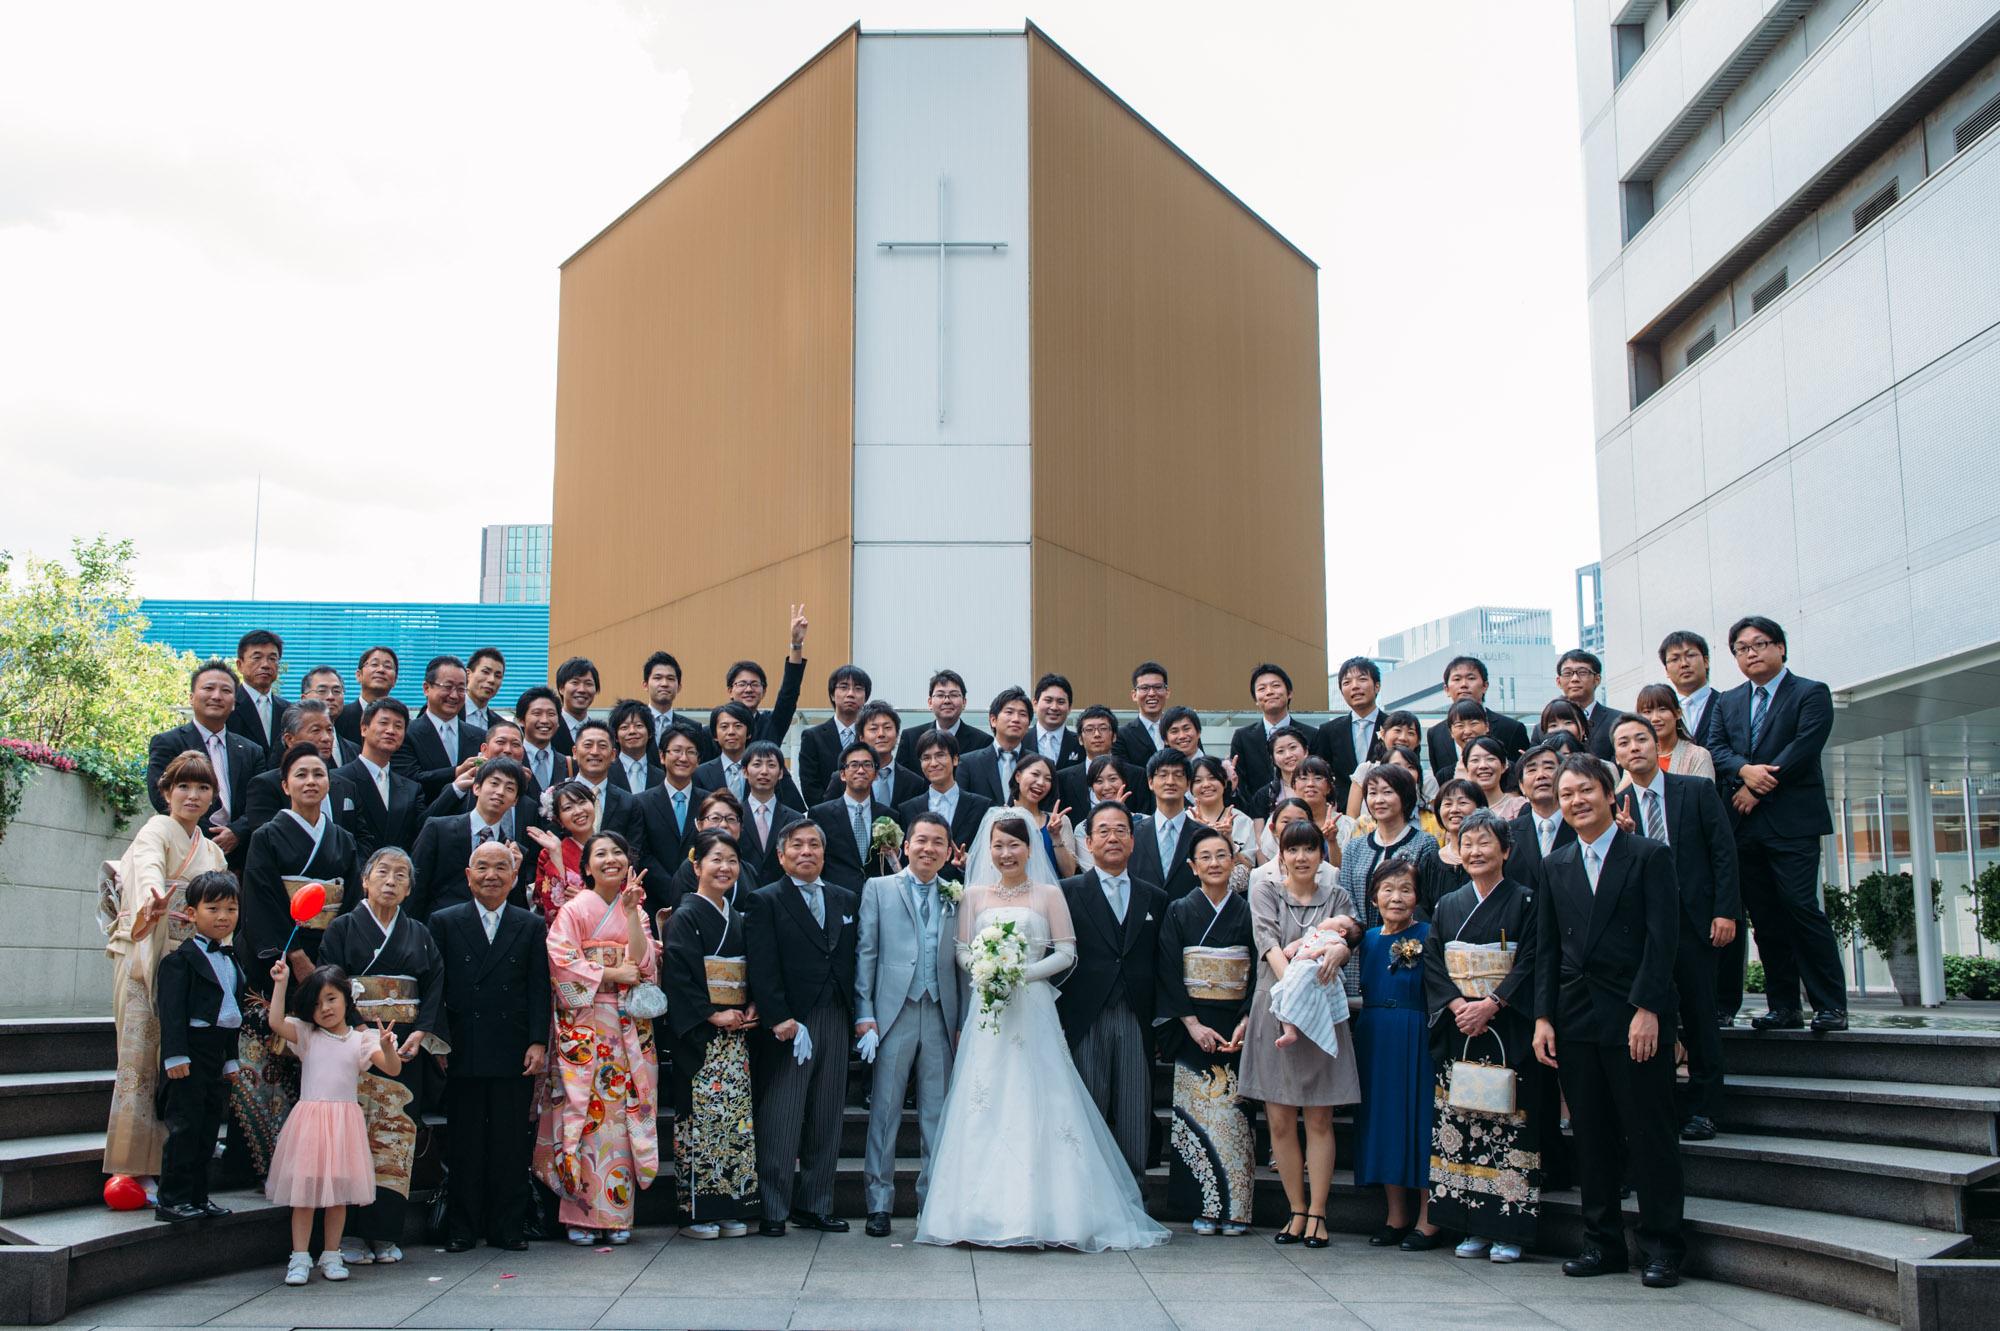 hilton wedding55